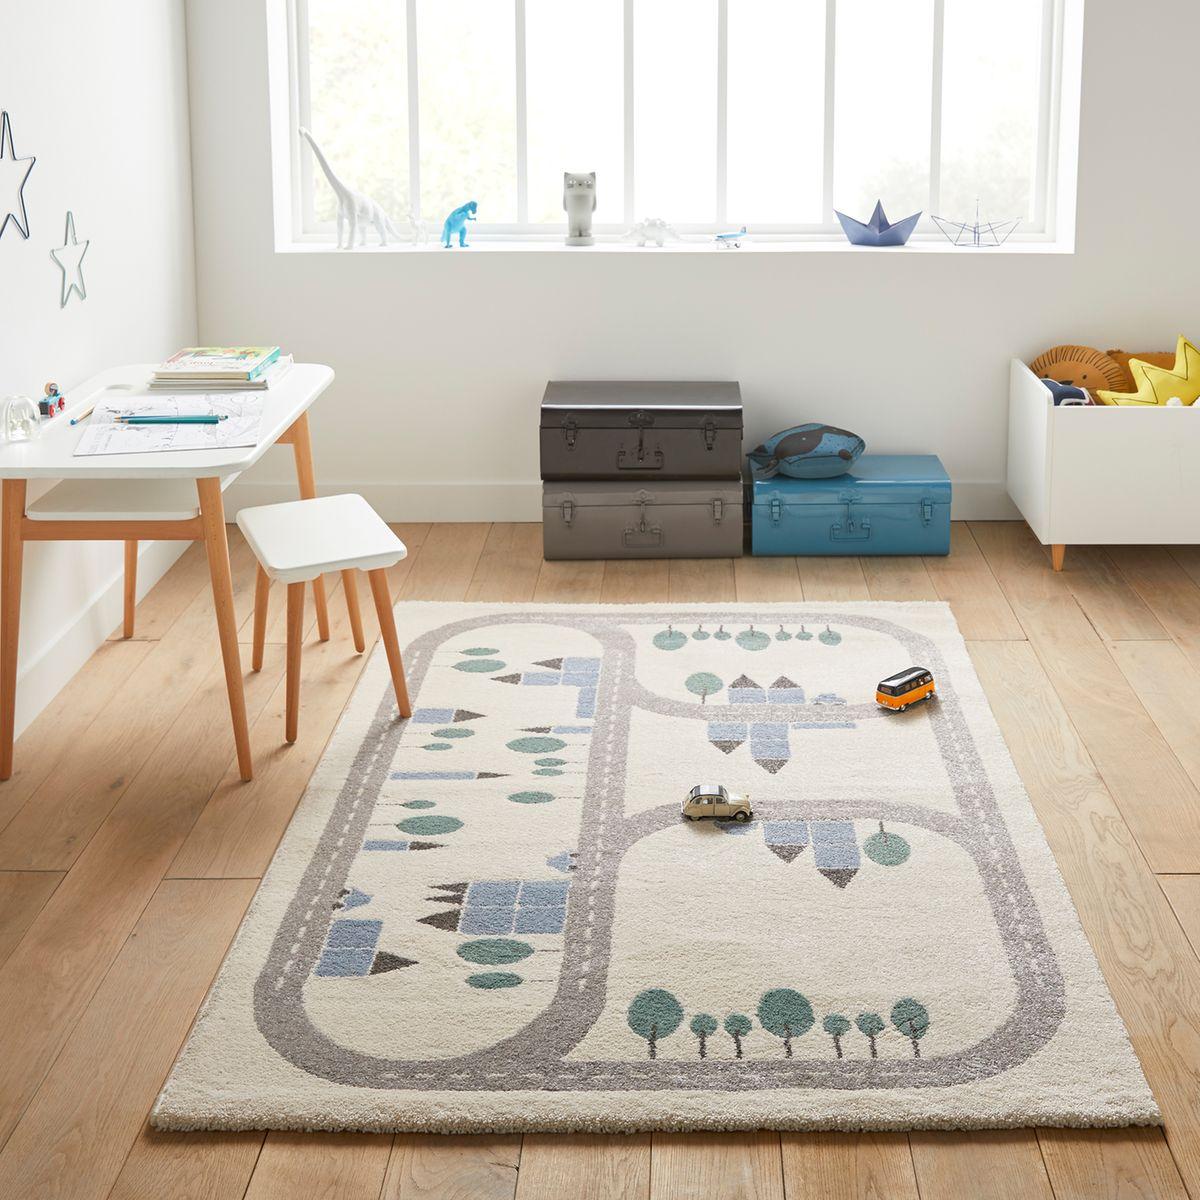 Tapis Chambre Bébé Mixte tapis enfant : tapis de sol pour la chambre des enfants